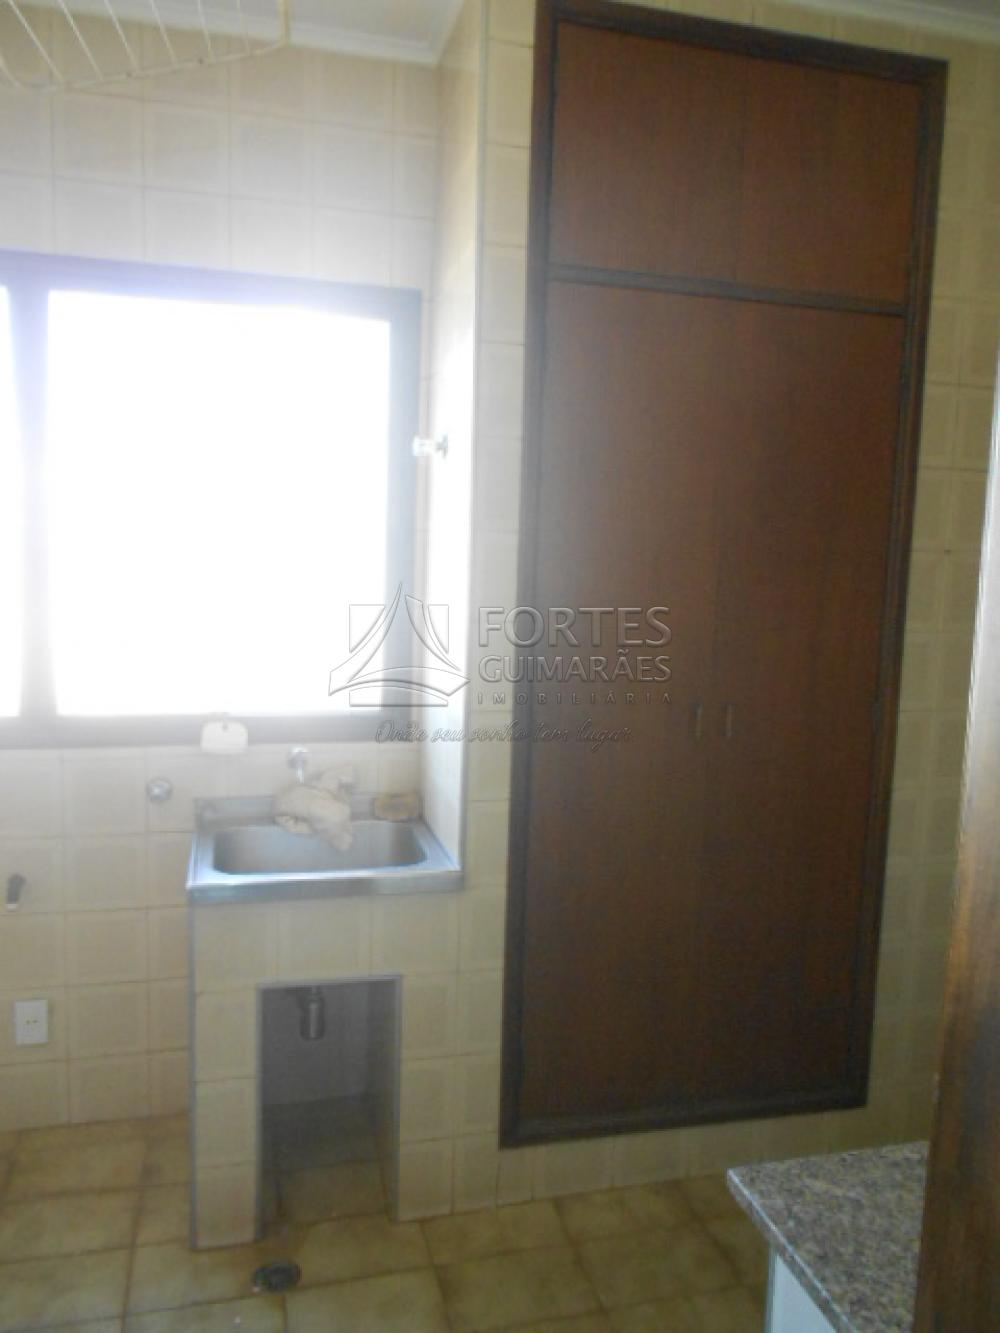 Alugar Apartamentos / Padrão em Ribeirão Preto apenas R$ 1.250,00 - Foto 53